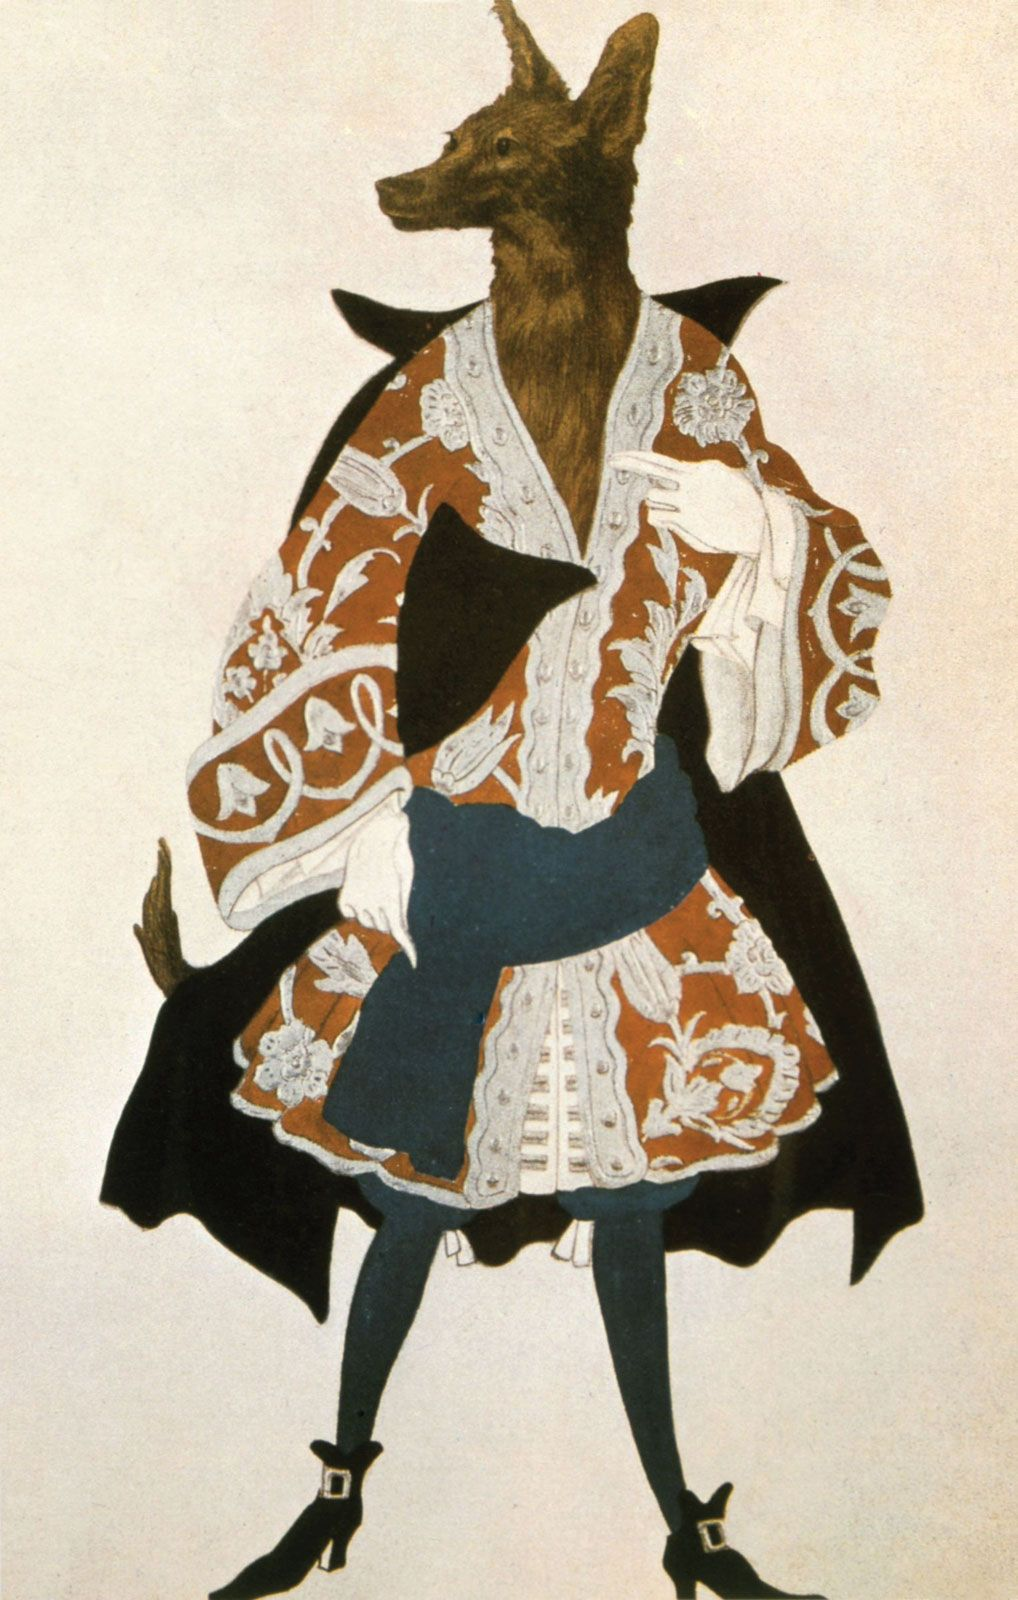 Leon Bakst, Costume design for the Wolf in La Belle au Bois Dormant, 1921